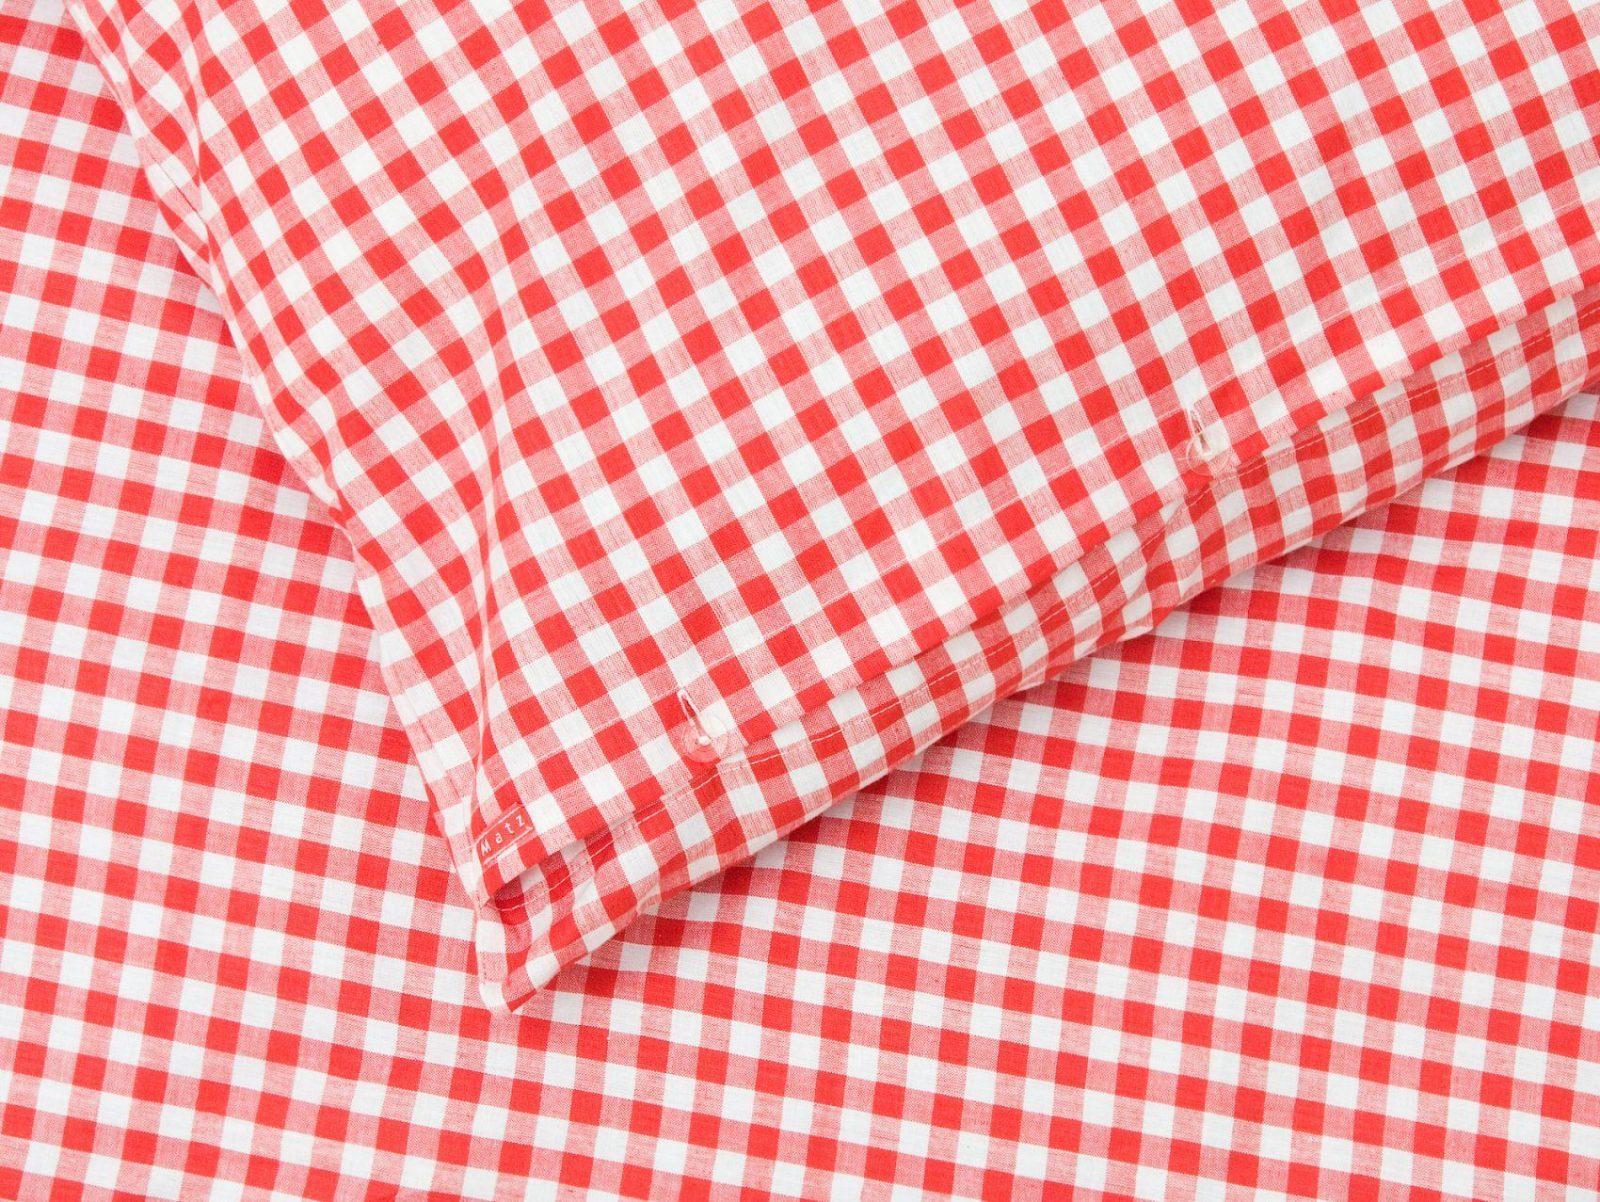 Bettwäsche  Karierte Bettwäsche Karo Rot Weiß 160210+65100Cm von Rot Weiß Karierte Bettwäsche Bild